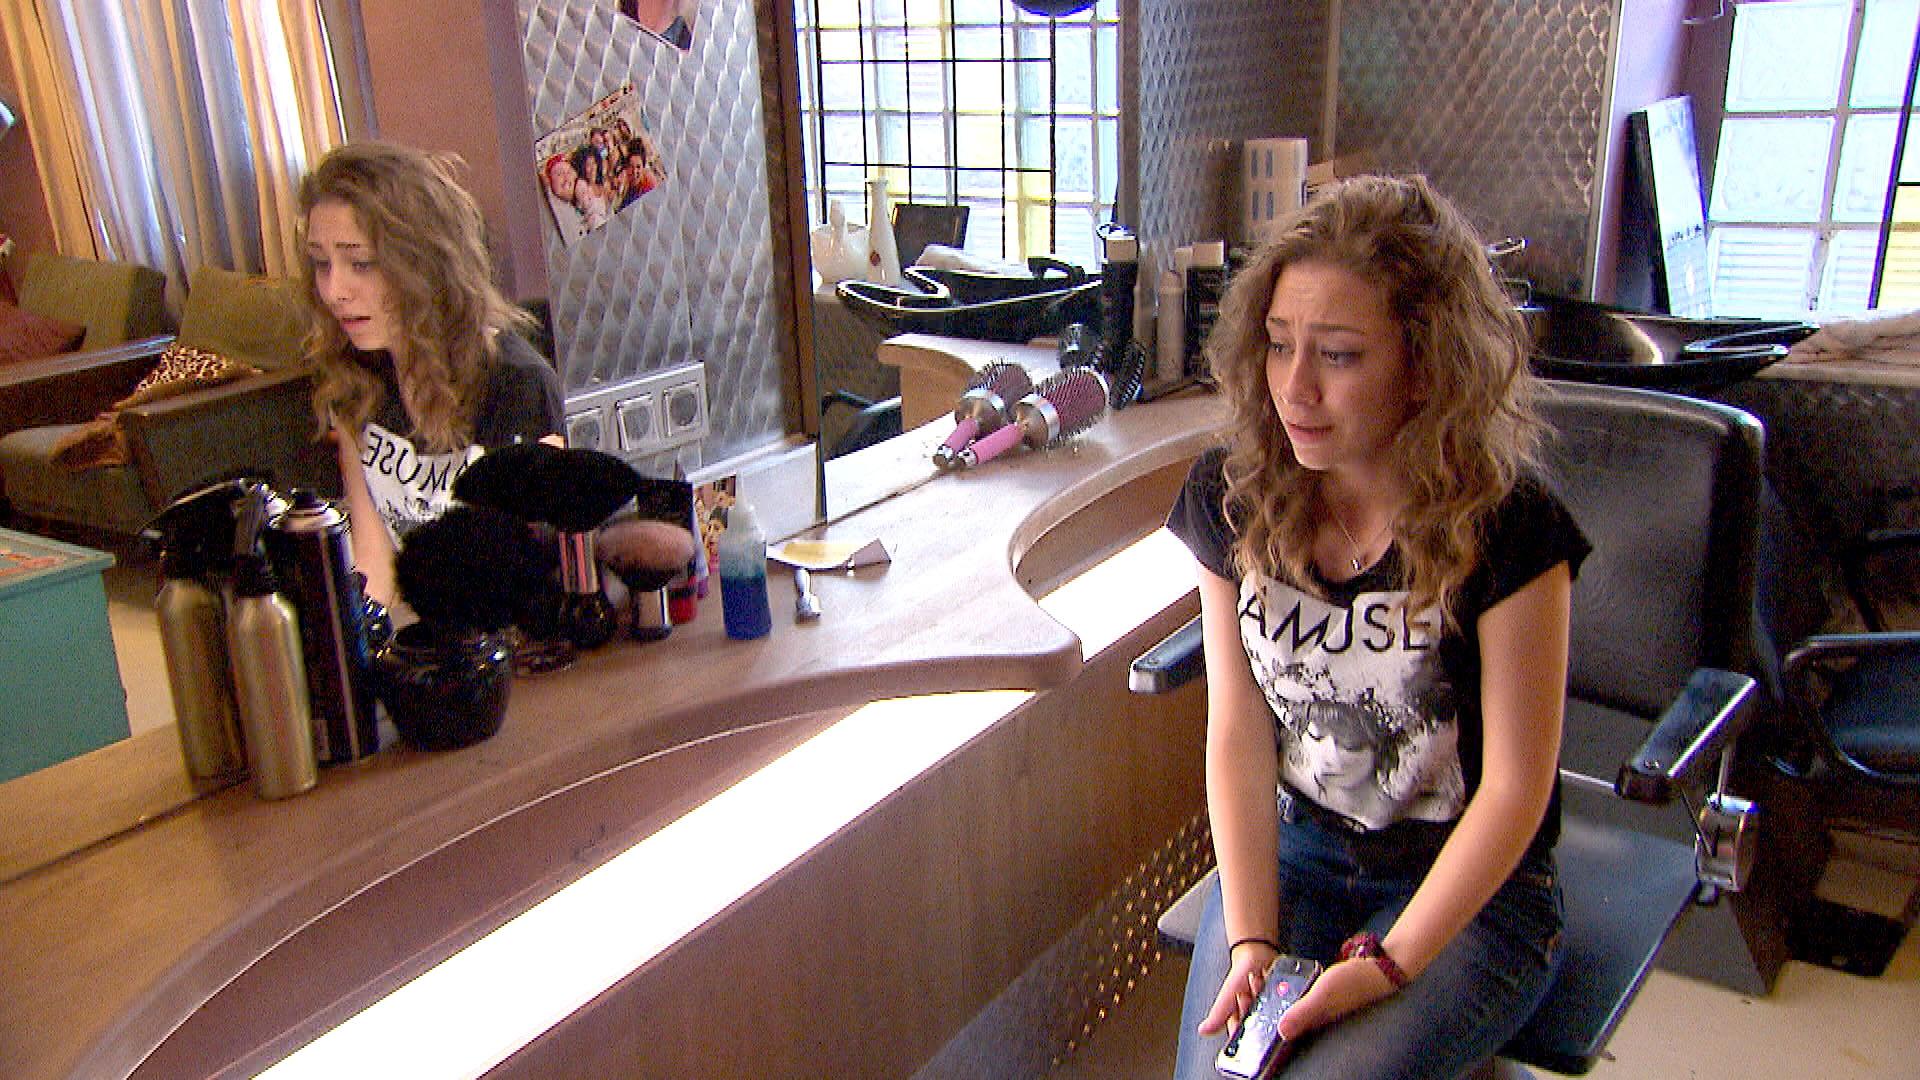 Elli ist stinksauer, weil (Alex) ihr Handy versteckt hat. (Quelle: RTL 2)